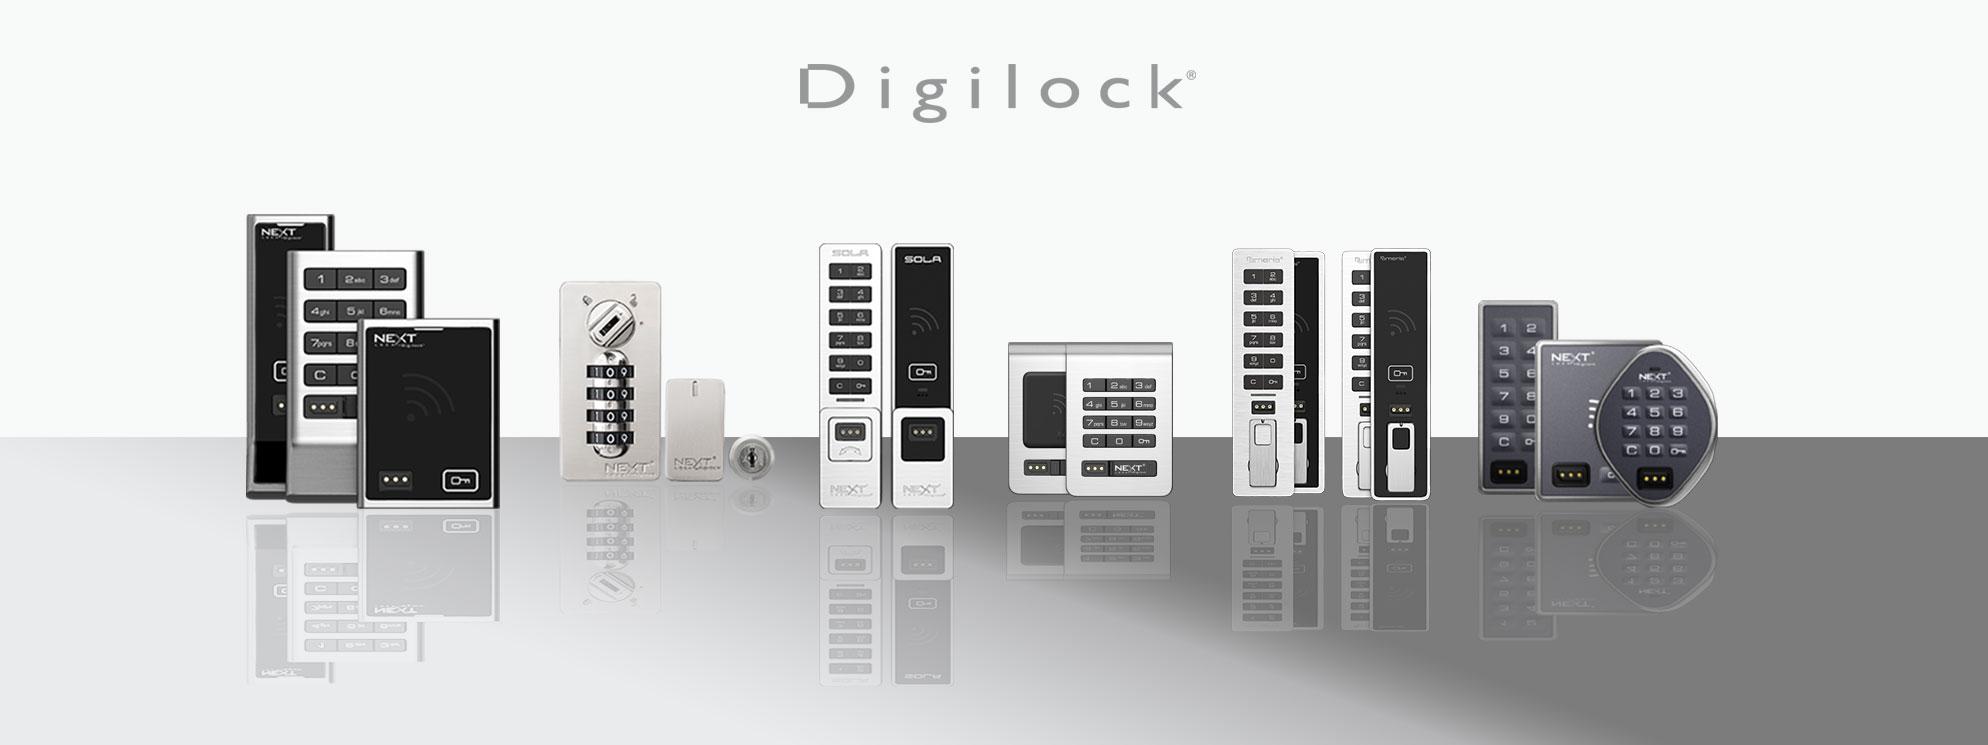 digilock